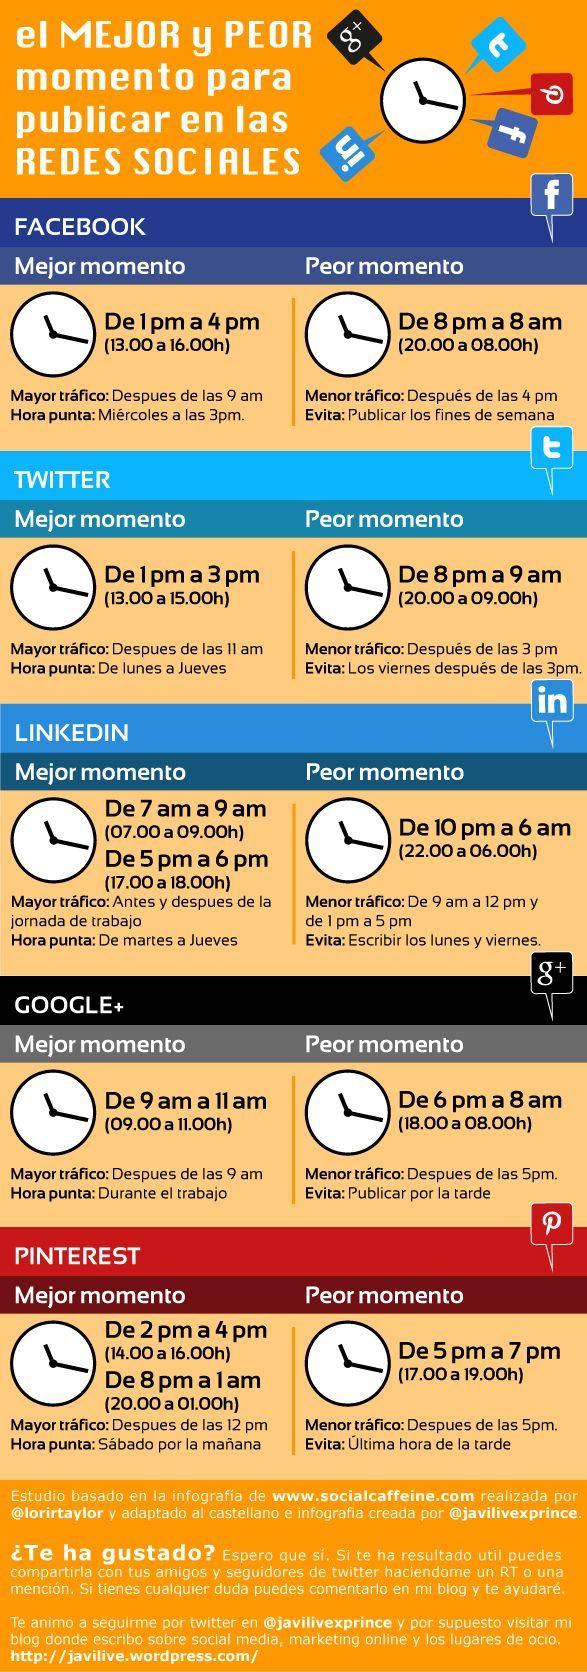 Infografía que muestra las mejores horas para publicar en las diferentes redes sociales que existen.